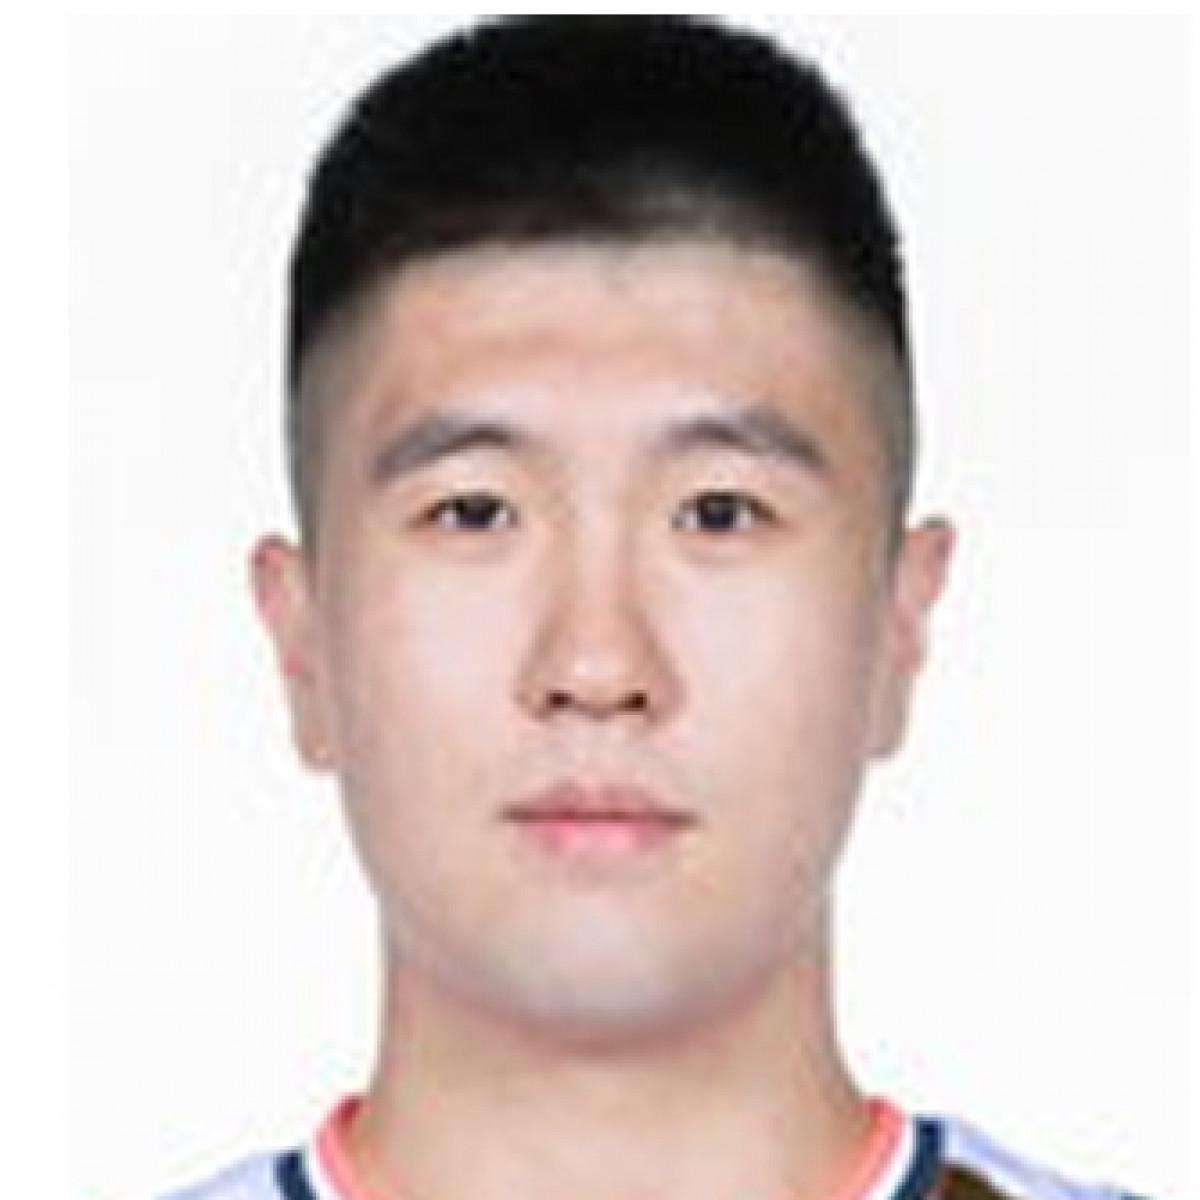 Xinkai Wang